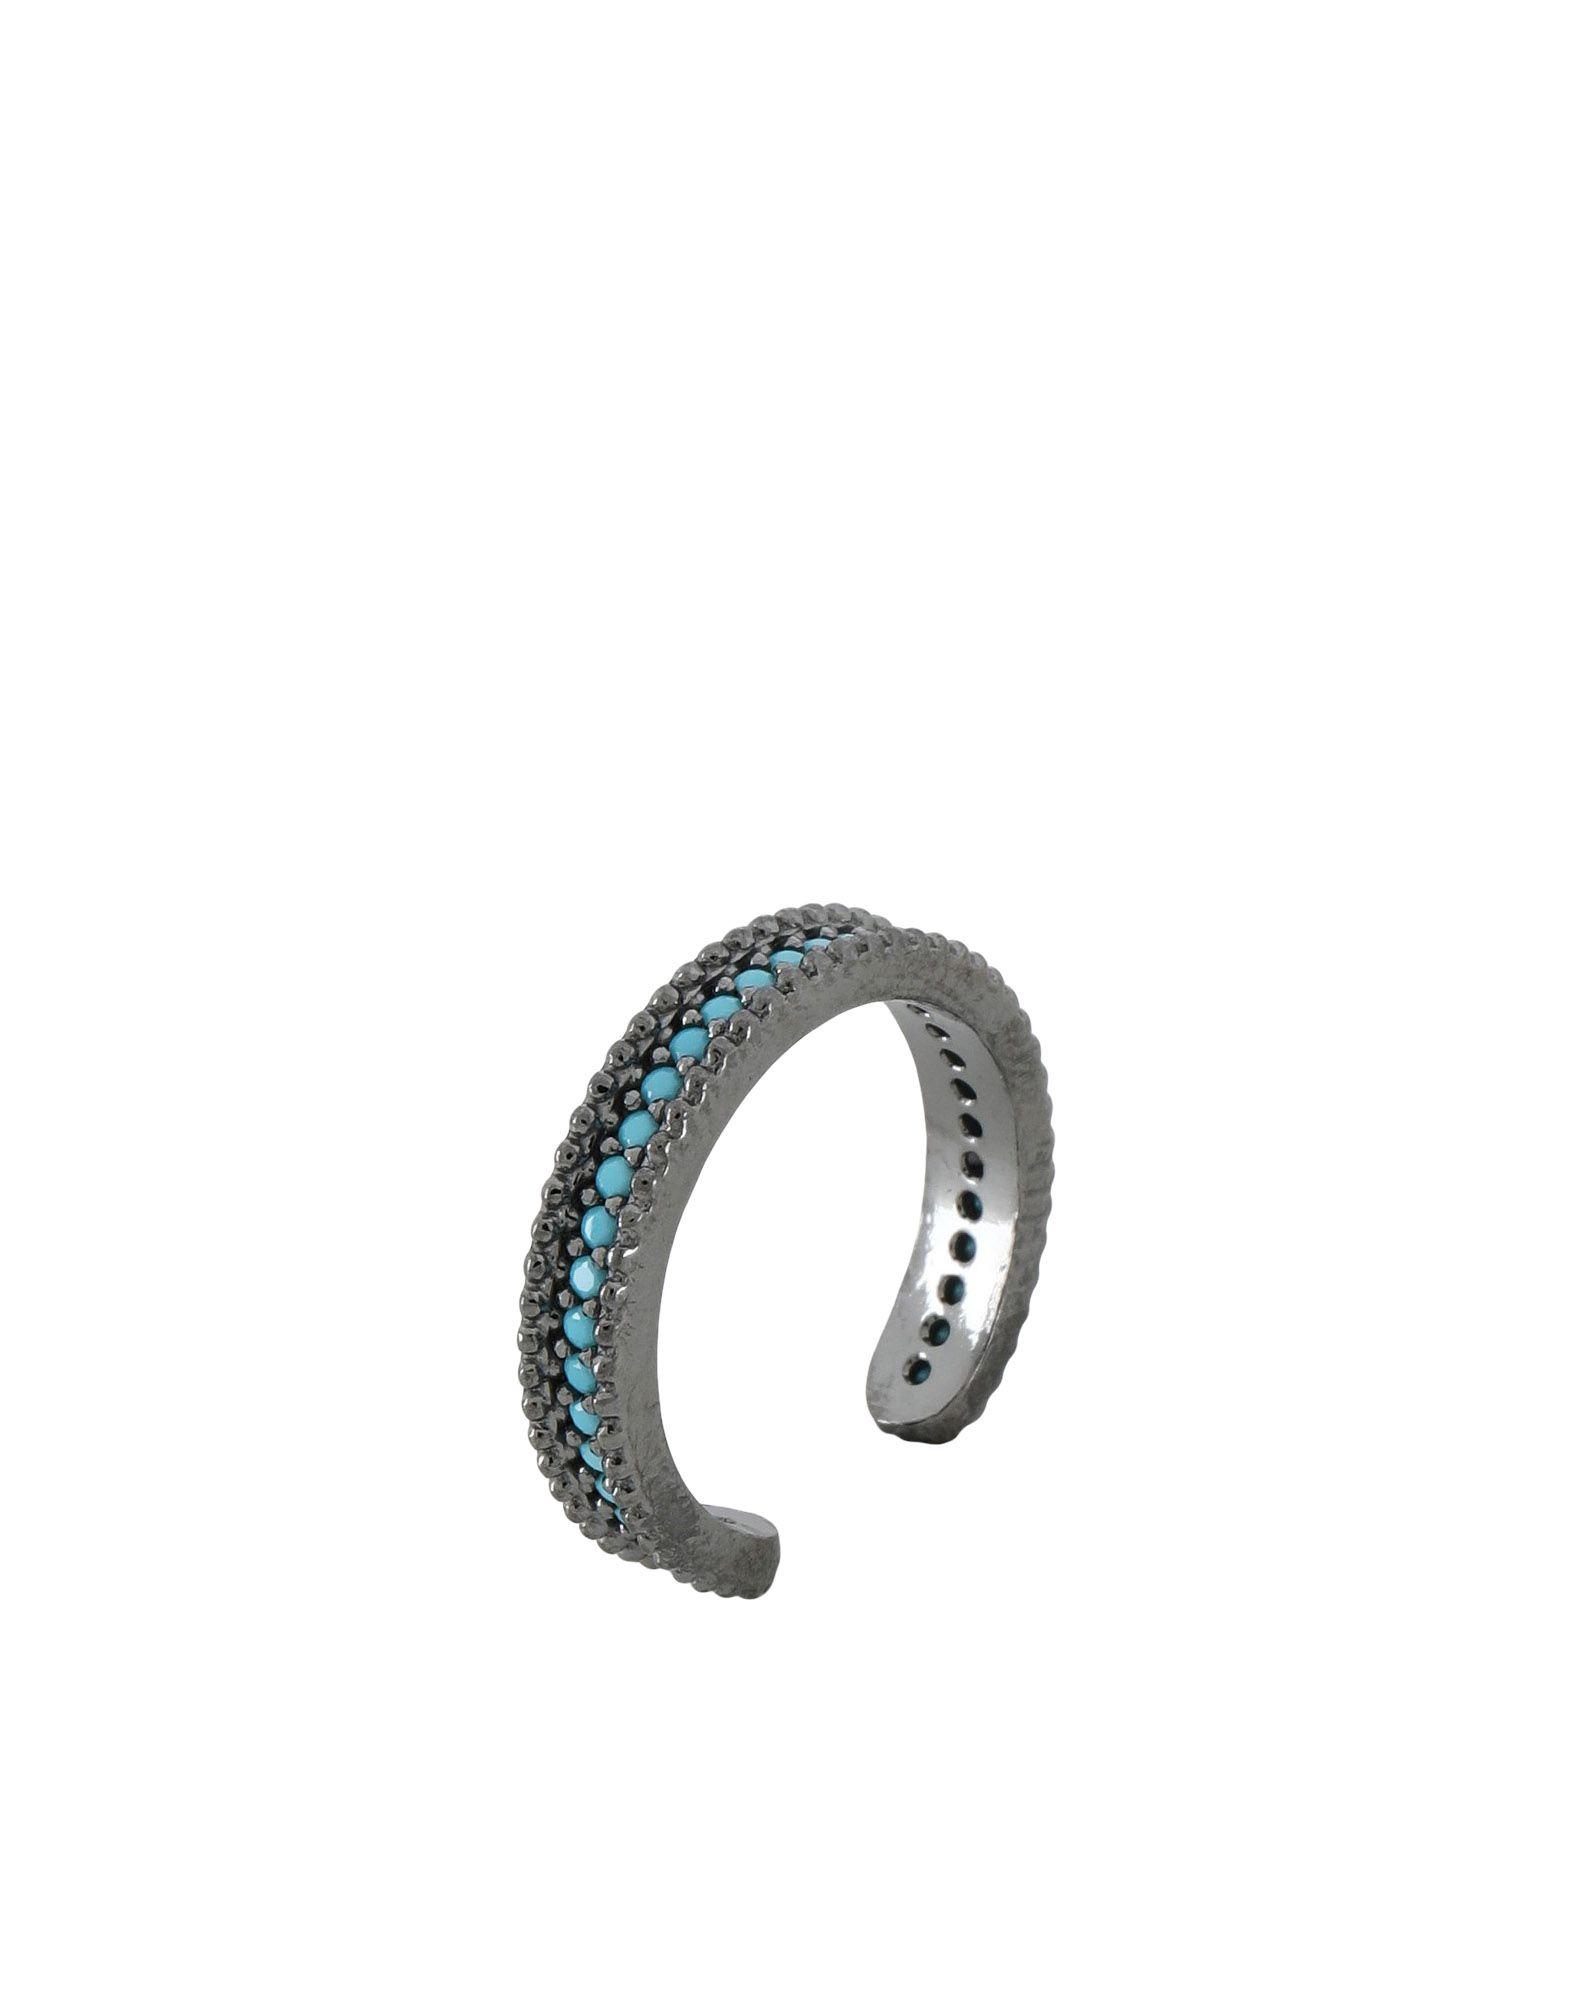 《セール開催中》FIRST PEOPLE FIRST レディース 指輪 鉛色 7 シルバー925/1000 / 18金メッキ / トルコ石 Concordia Zircon Allover Ring